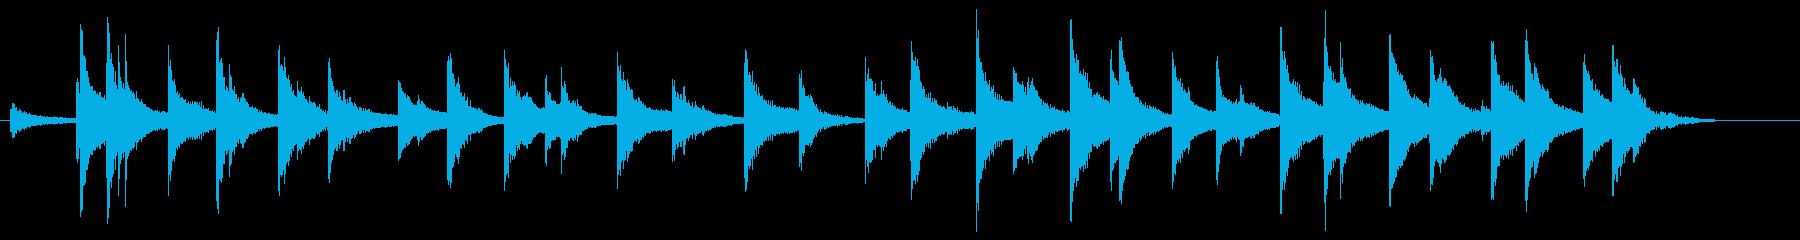 デュアルカウベル:絶え間ない揺れ、...の再生済みの波形